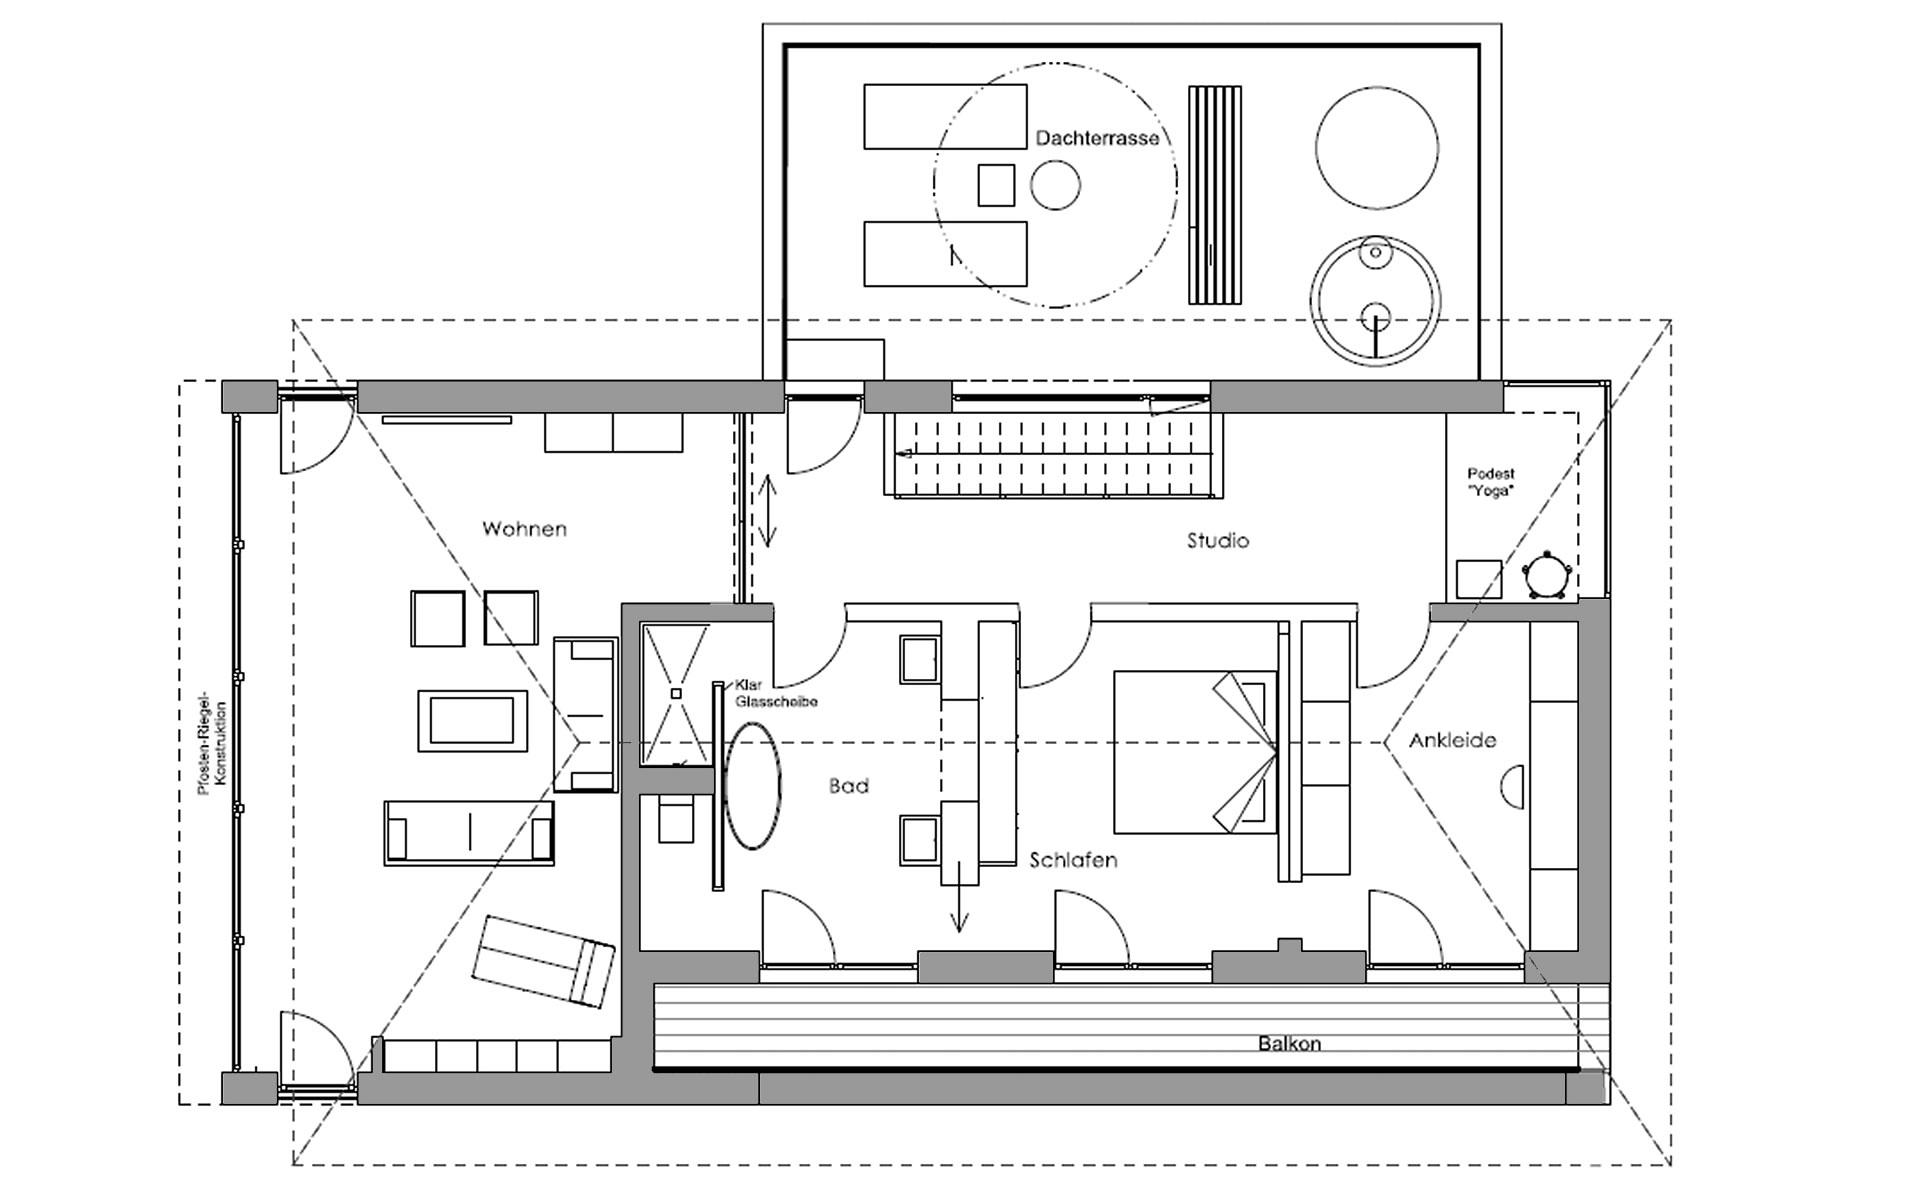 Obergeschoss Ambienti+ von Regnauer Hausbau GmbH & Co. KG